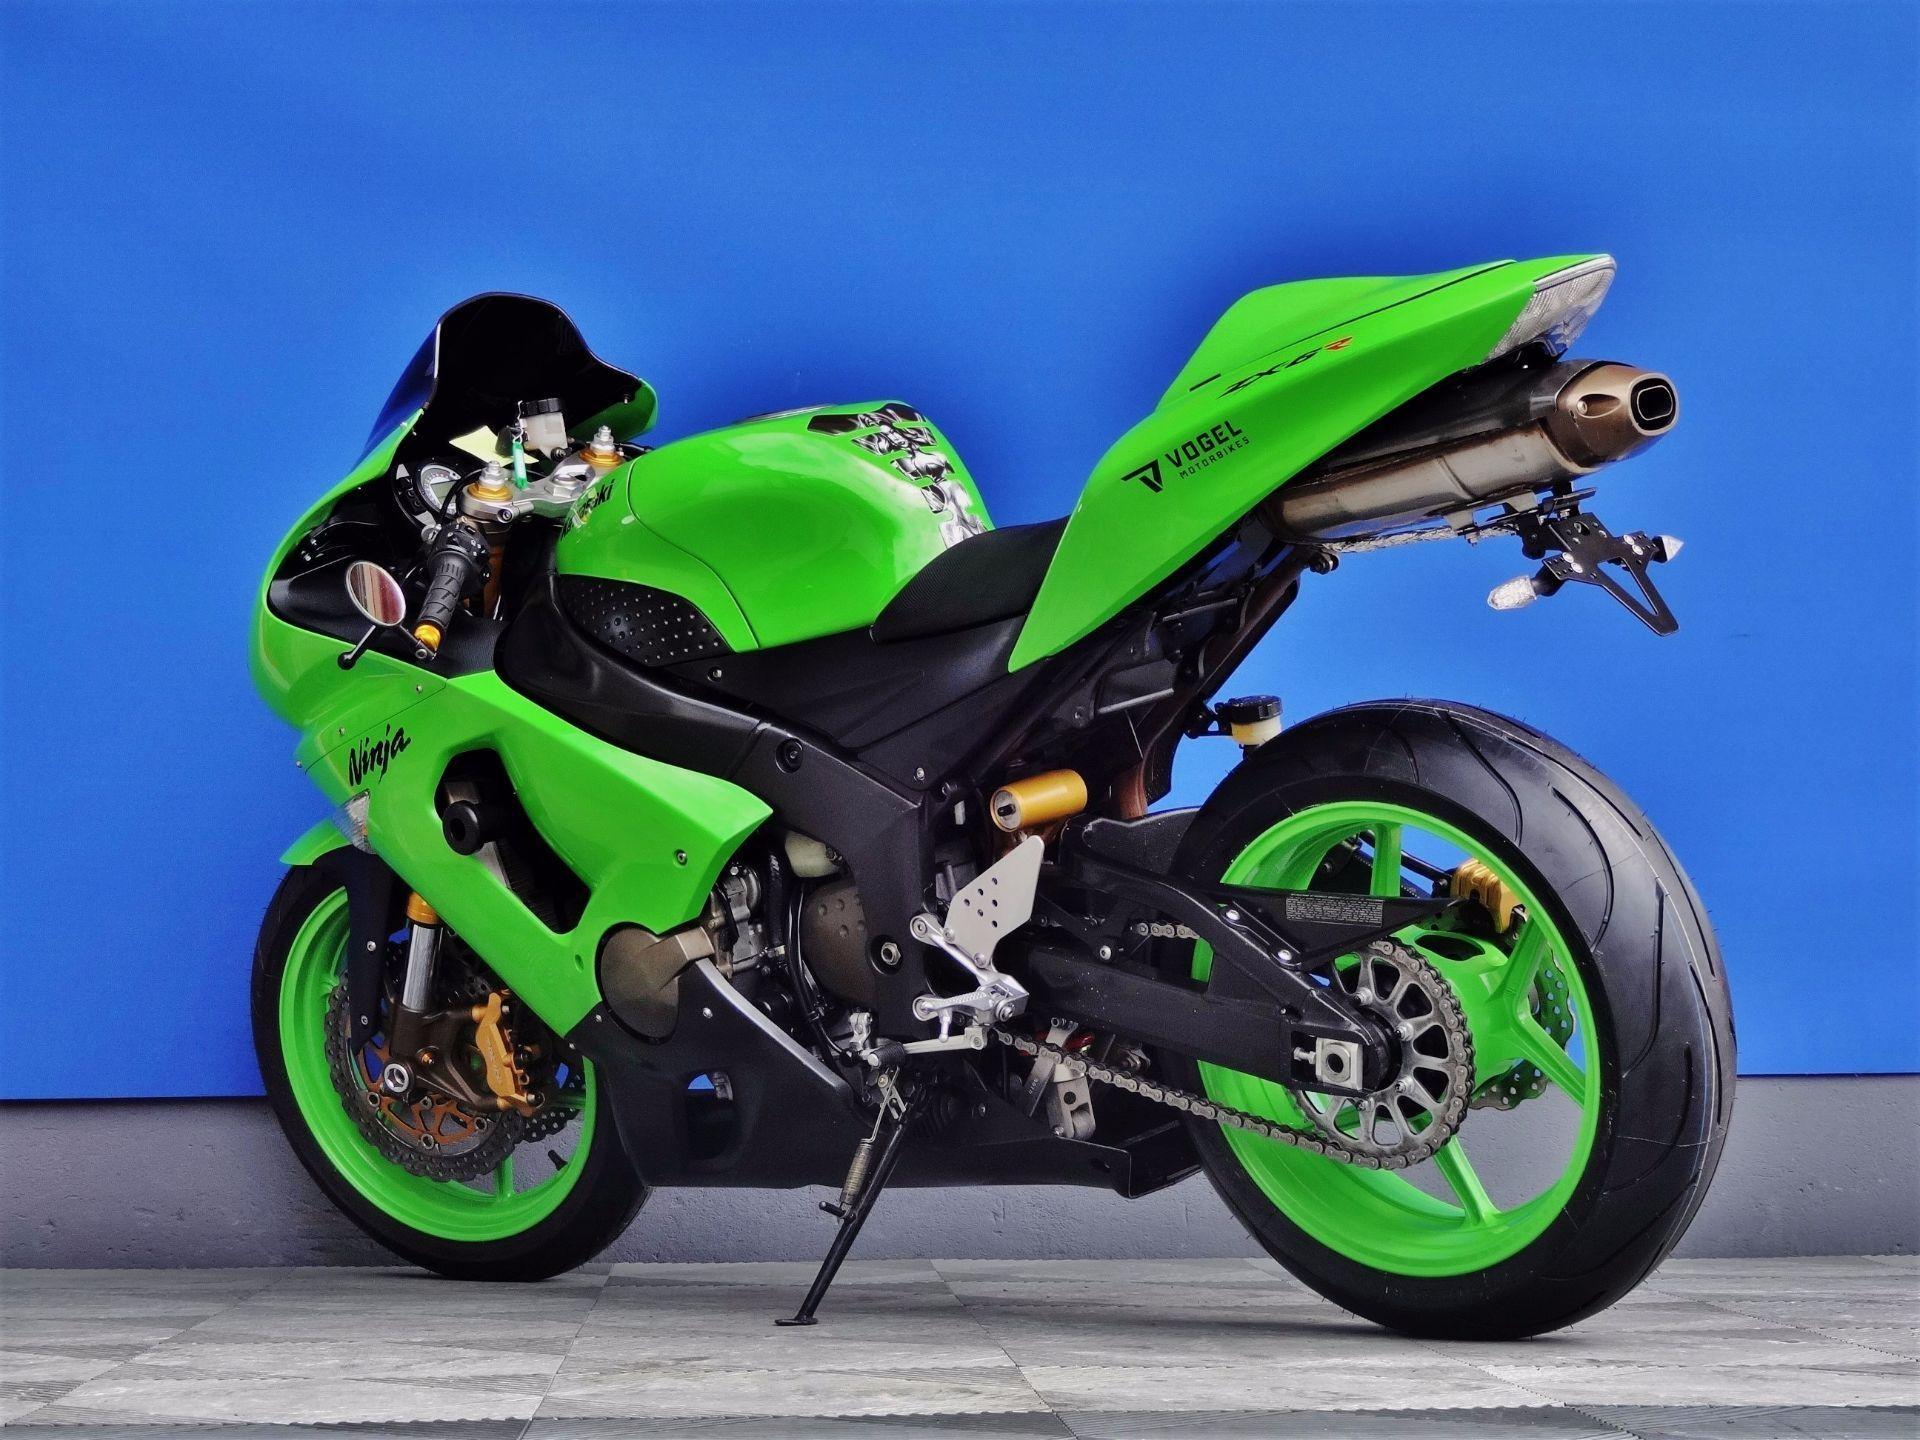 motorrad occasion kaufen kawasaki zx 6r ninja vogel motorbikes sch pfheim. Black Bedroom Furniture Sets. Home Design Ideas